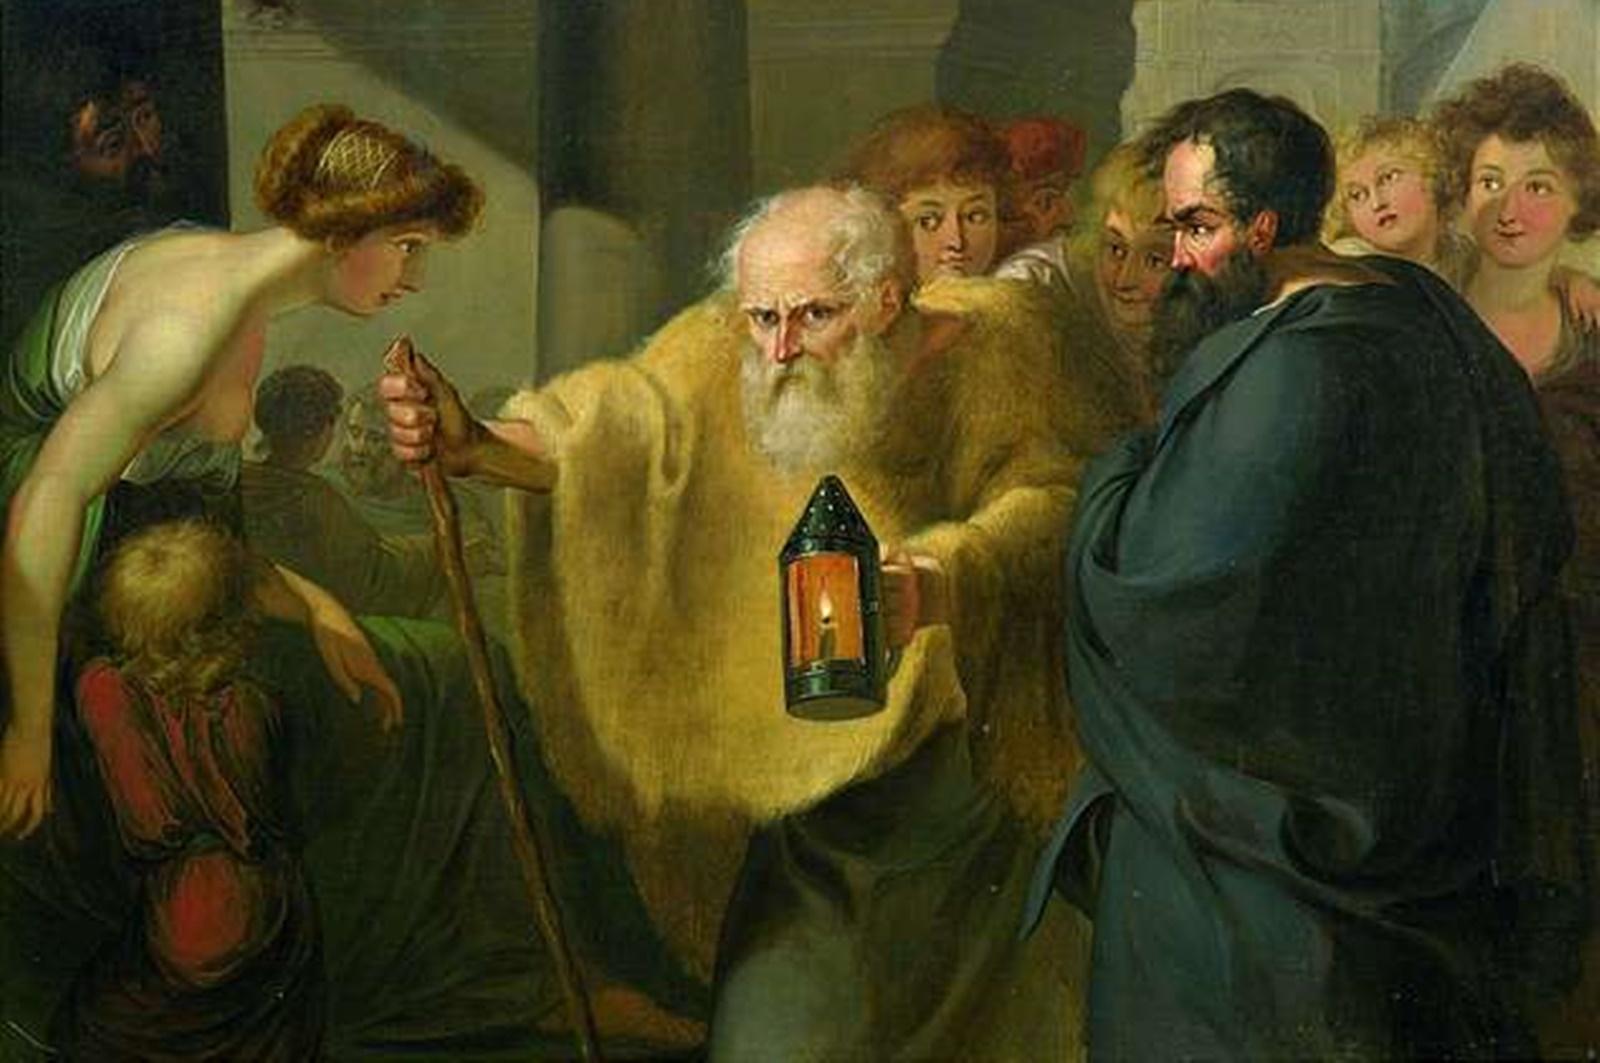 """Според разкази, когато атиняни се допитали до гръцкият философ как да се отърсят от изкушенията на плътта, Диоген просто започнал да мастурбира, а когато го порицали за това, той отвърнал: """"Ех, ако можех да задоволя и глада си като си търкам корема ..."""". Една от най-популярните истории за философа е срещата му с Александър Македонски. Смята се, че когато великият пълководец се спрял и го попитал дали може да му услужи, Диоген отвърнал """"Би ли се дръпнал, че ми закриваш слънцето."""" Когато Платон описал човека като двуного без пера, Диоген оскубал перушината на един петел и го завел в школата му. След този инцидент Платон се видял принуден да добави определението """"и с плоски нокти""""."""